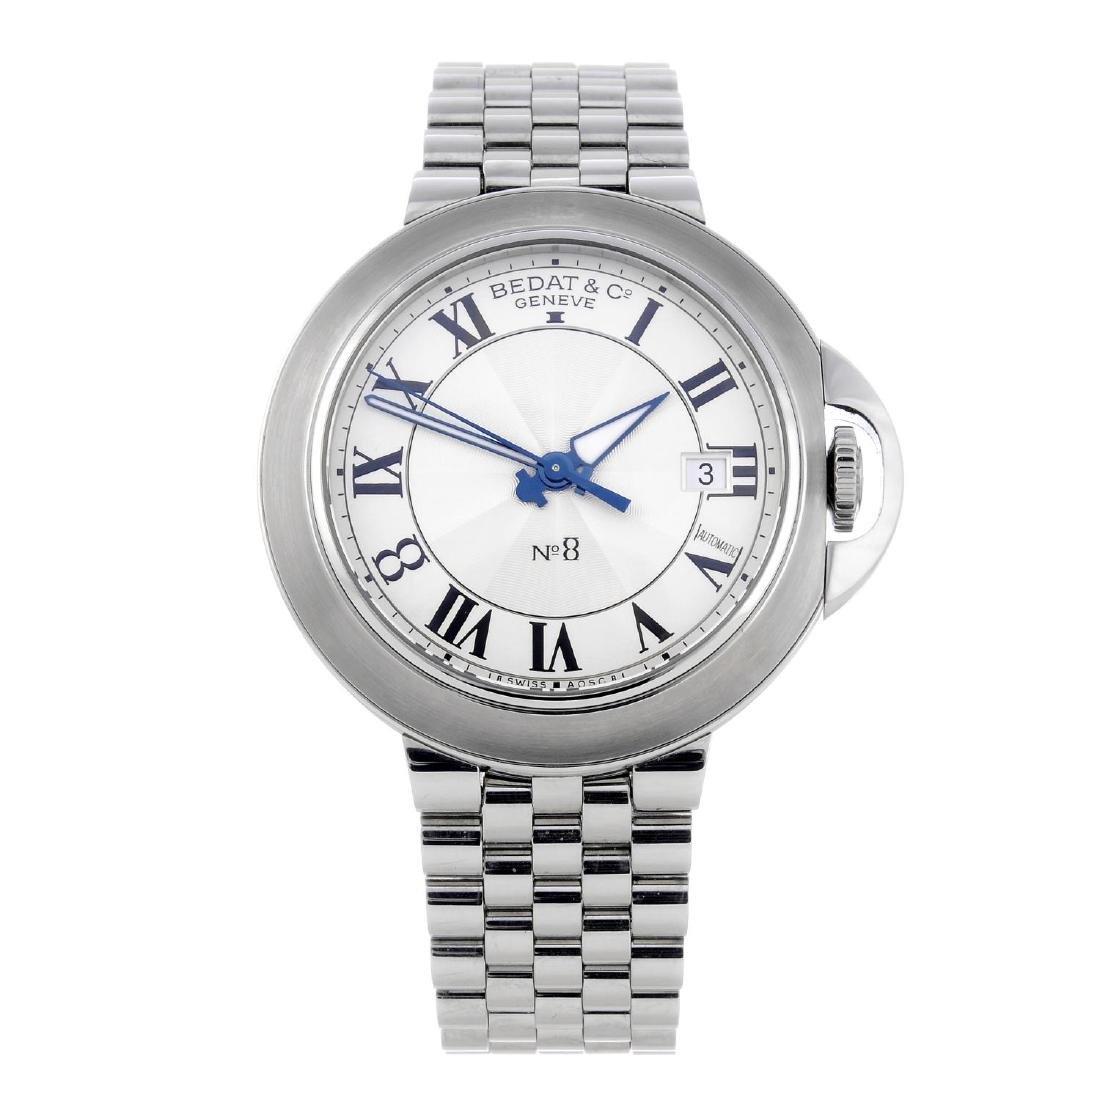 BEDAT & CO. - a gentleman's No. 8 bracelet watch.